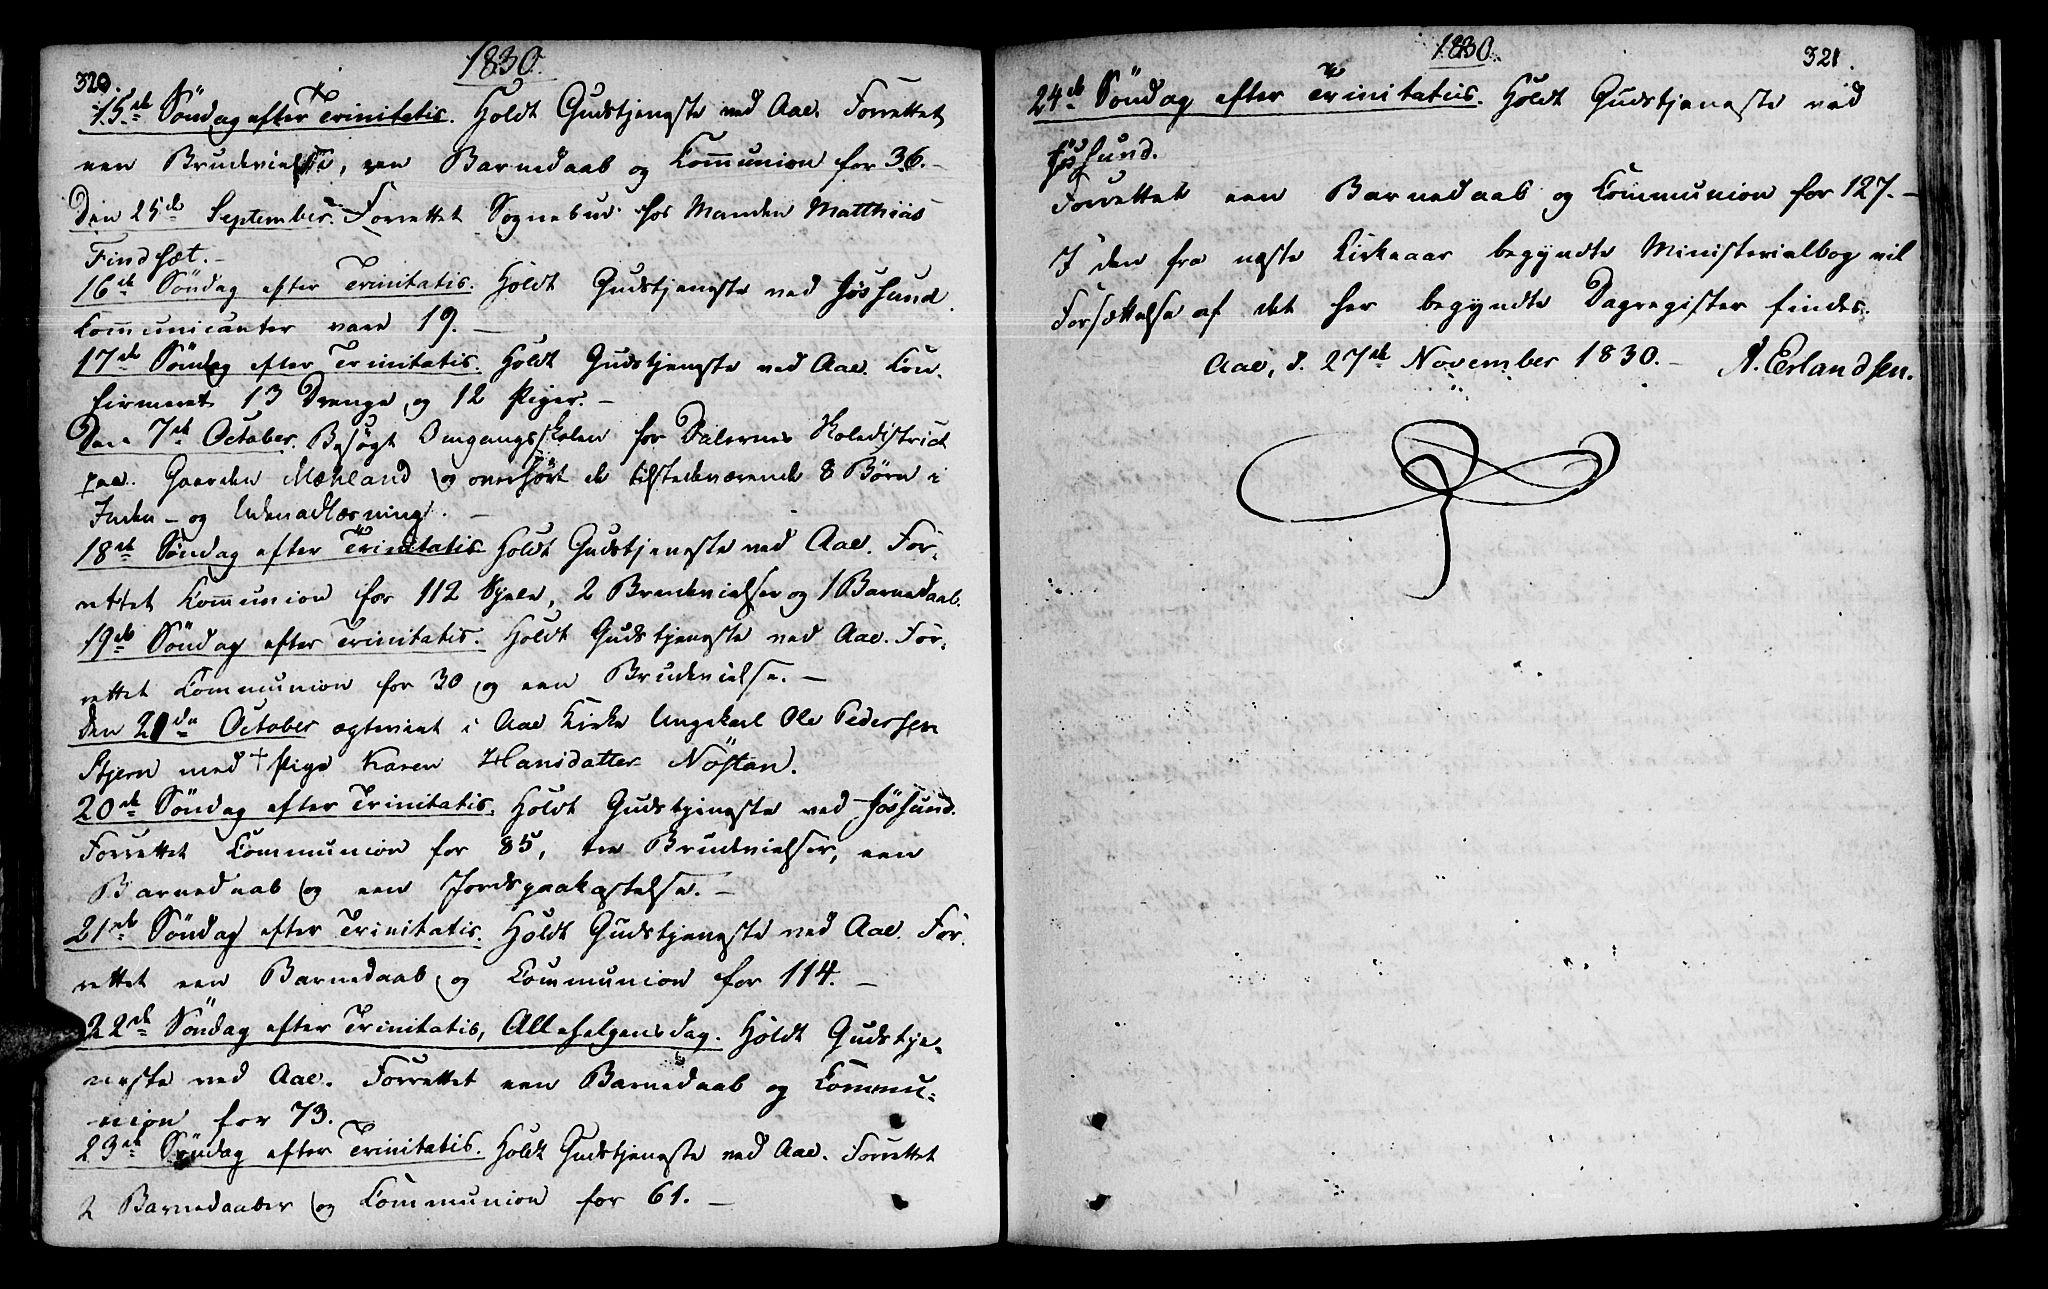 SAT, Ministerialprotokoller, klokkerbøker og fødselsregistre - Sør-Trøndelag, 655/L0674: Ministerialbok nr. 655A03, 1802-1826, s. 320-321